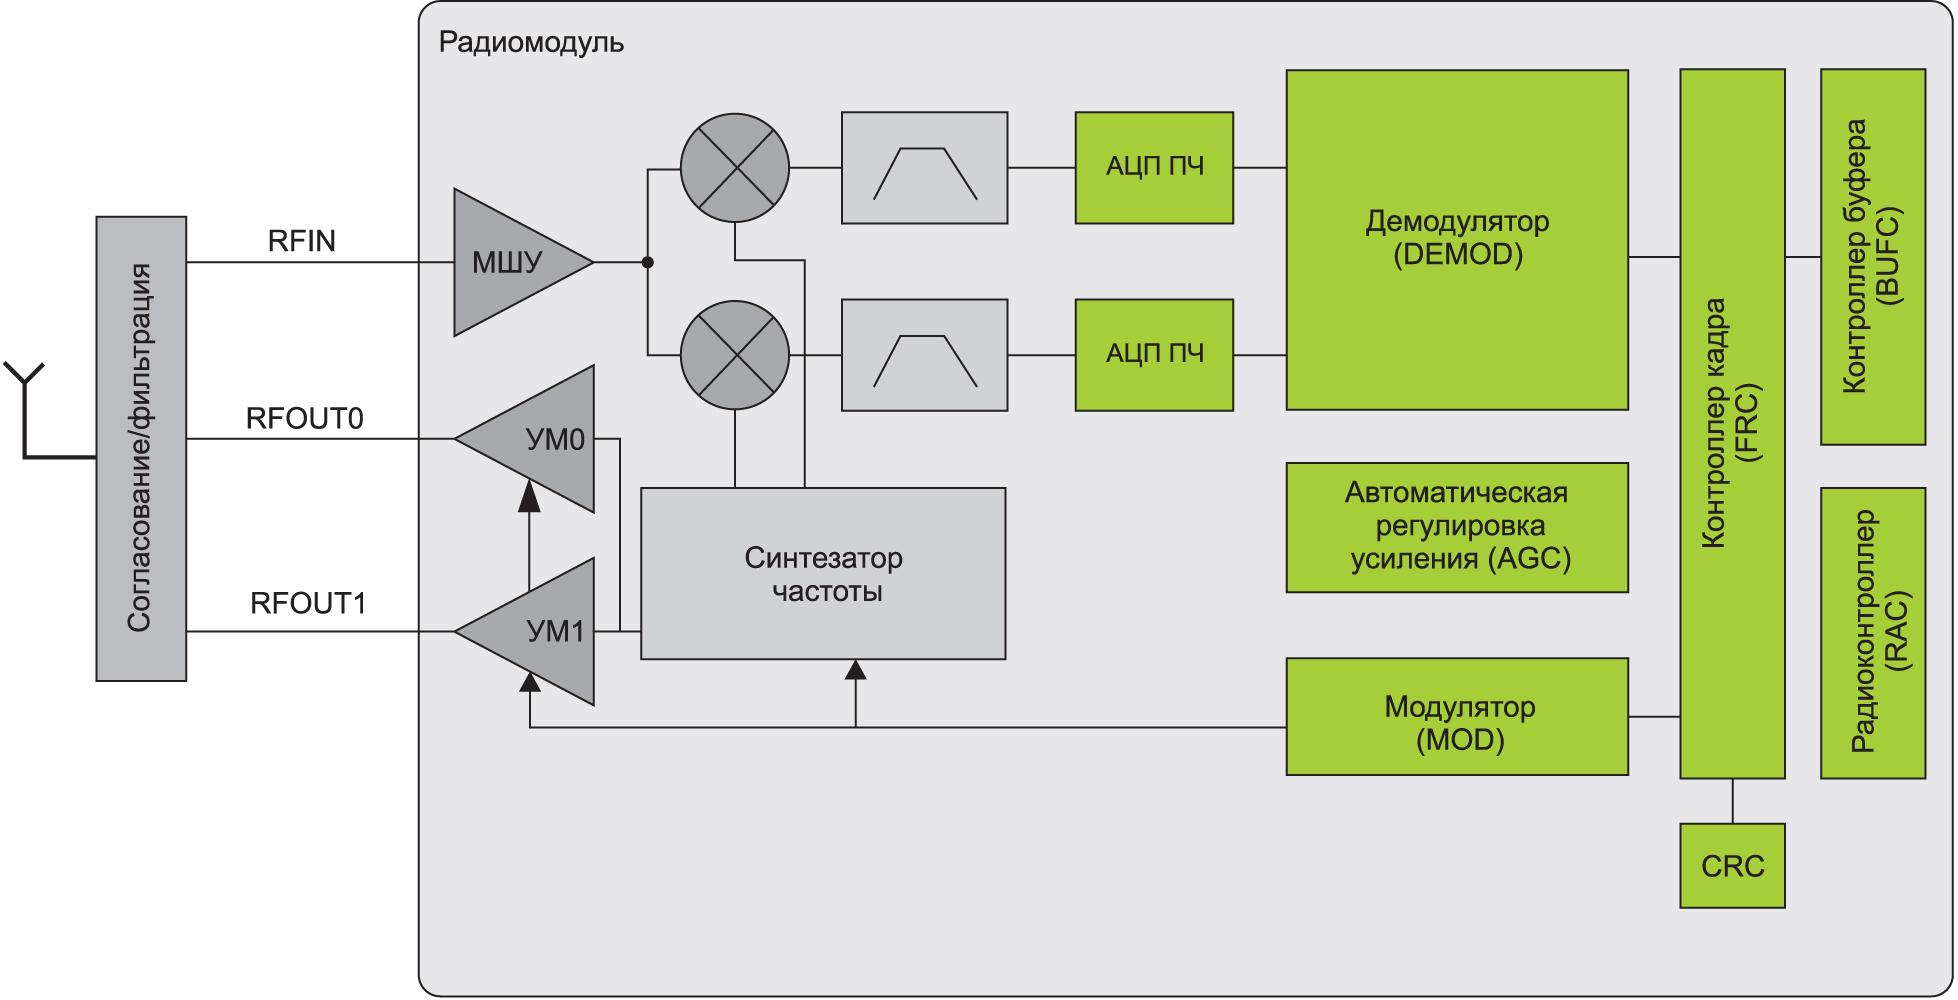 Структурная схема радиомодуля МК EFR32BG22 и EFR32FG22